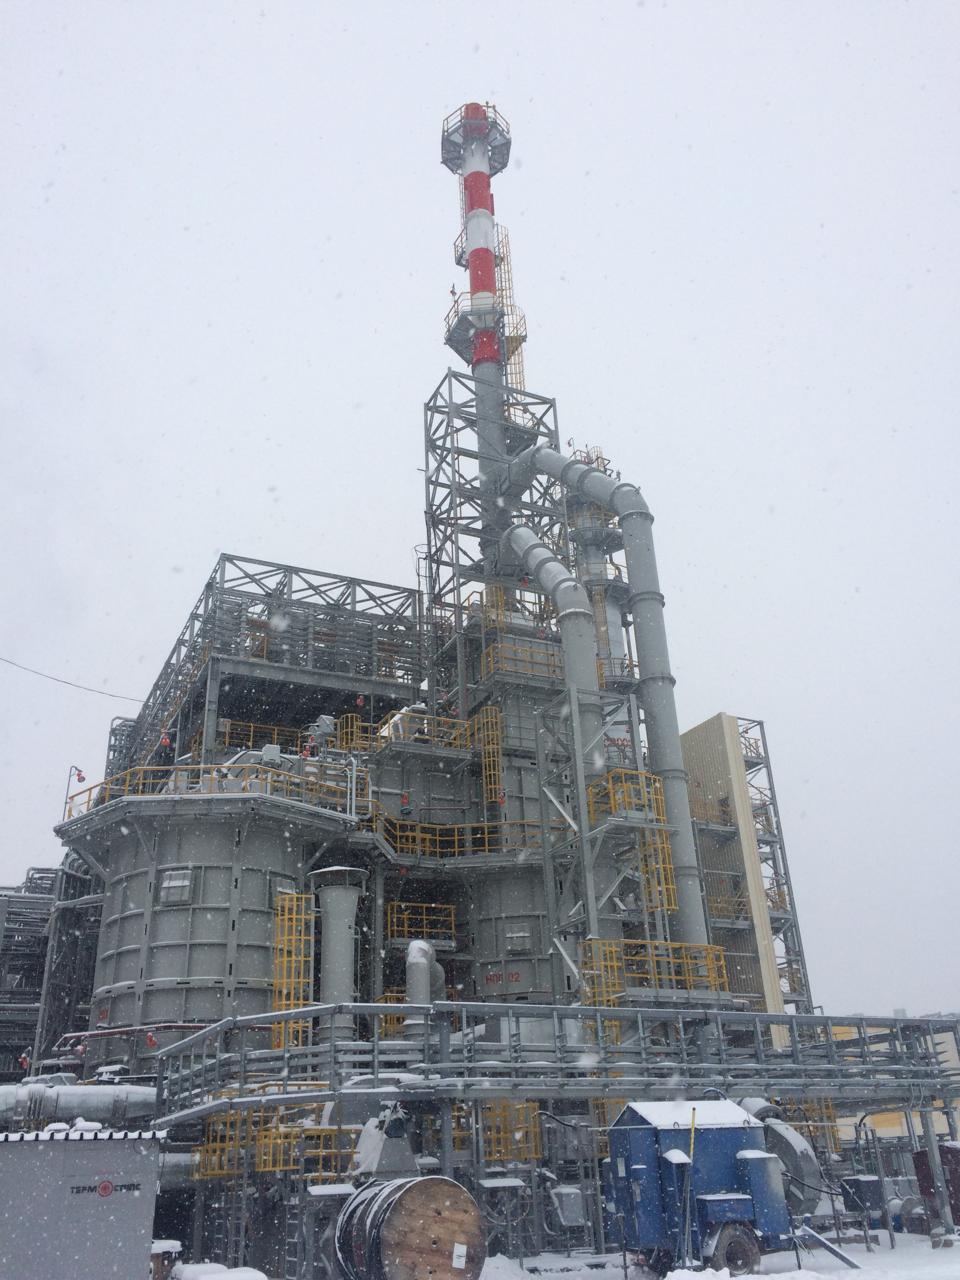 Пуск печей 1500Н0001и 1500Н0002 секции гидроочистки керосина ПАО «Татнефть»